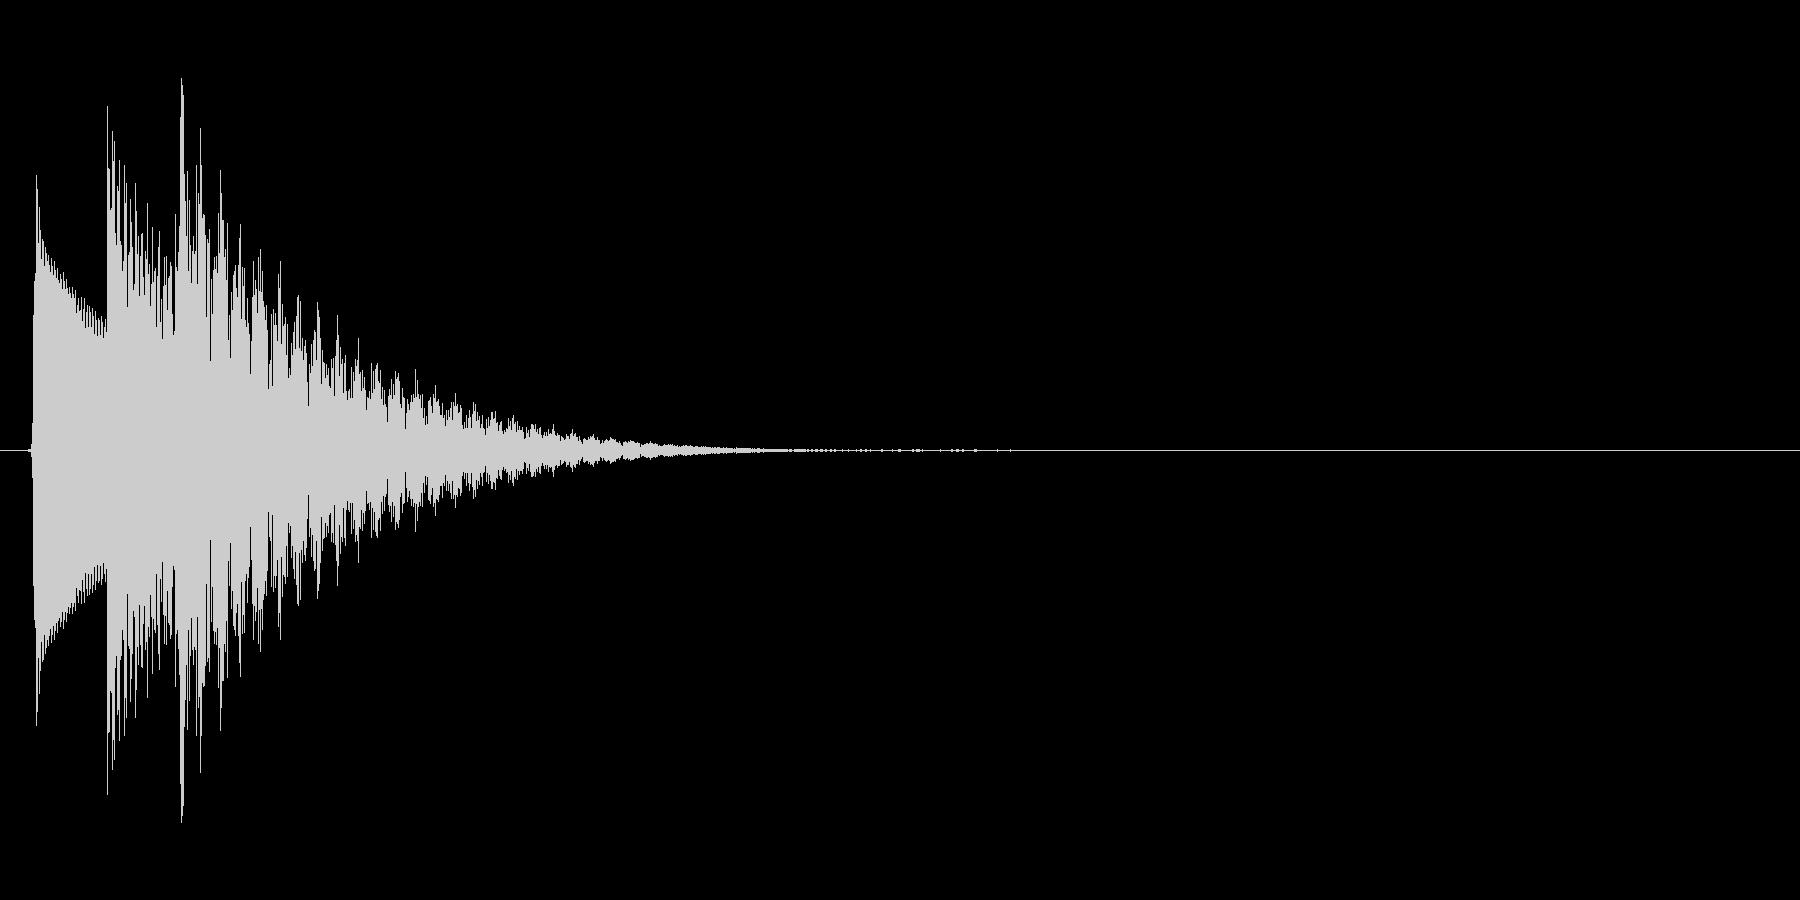 シンプルで汎用的な決定音その2の未再生の波形